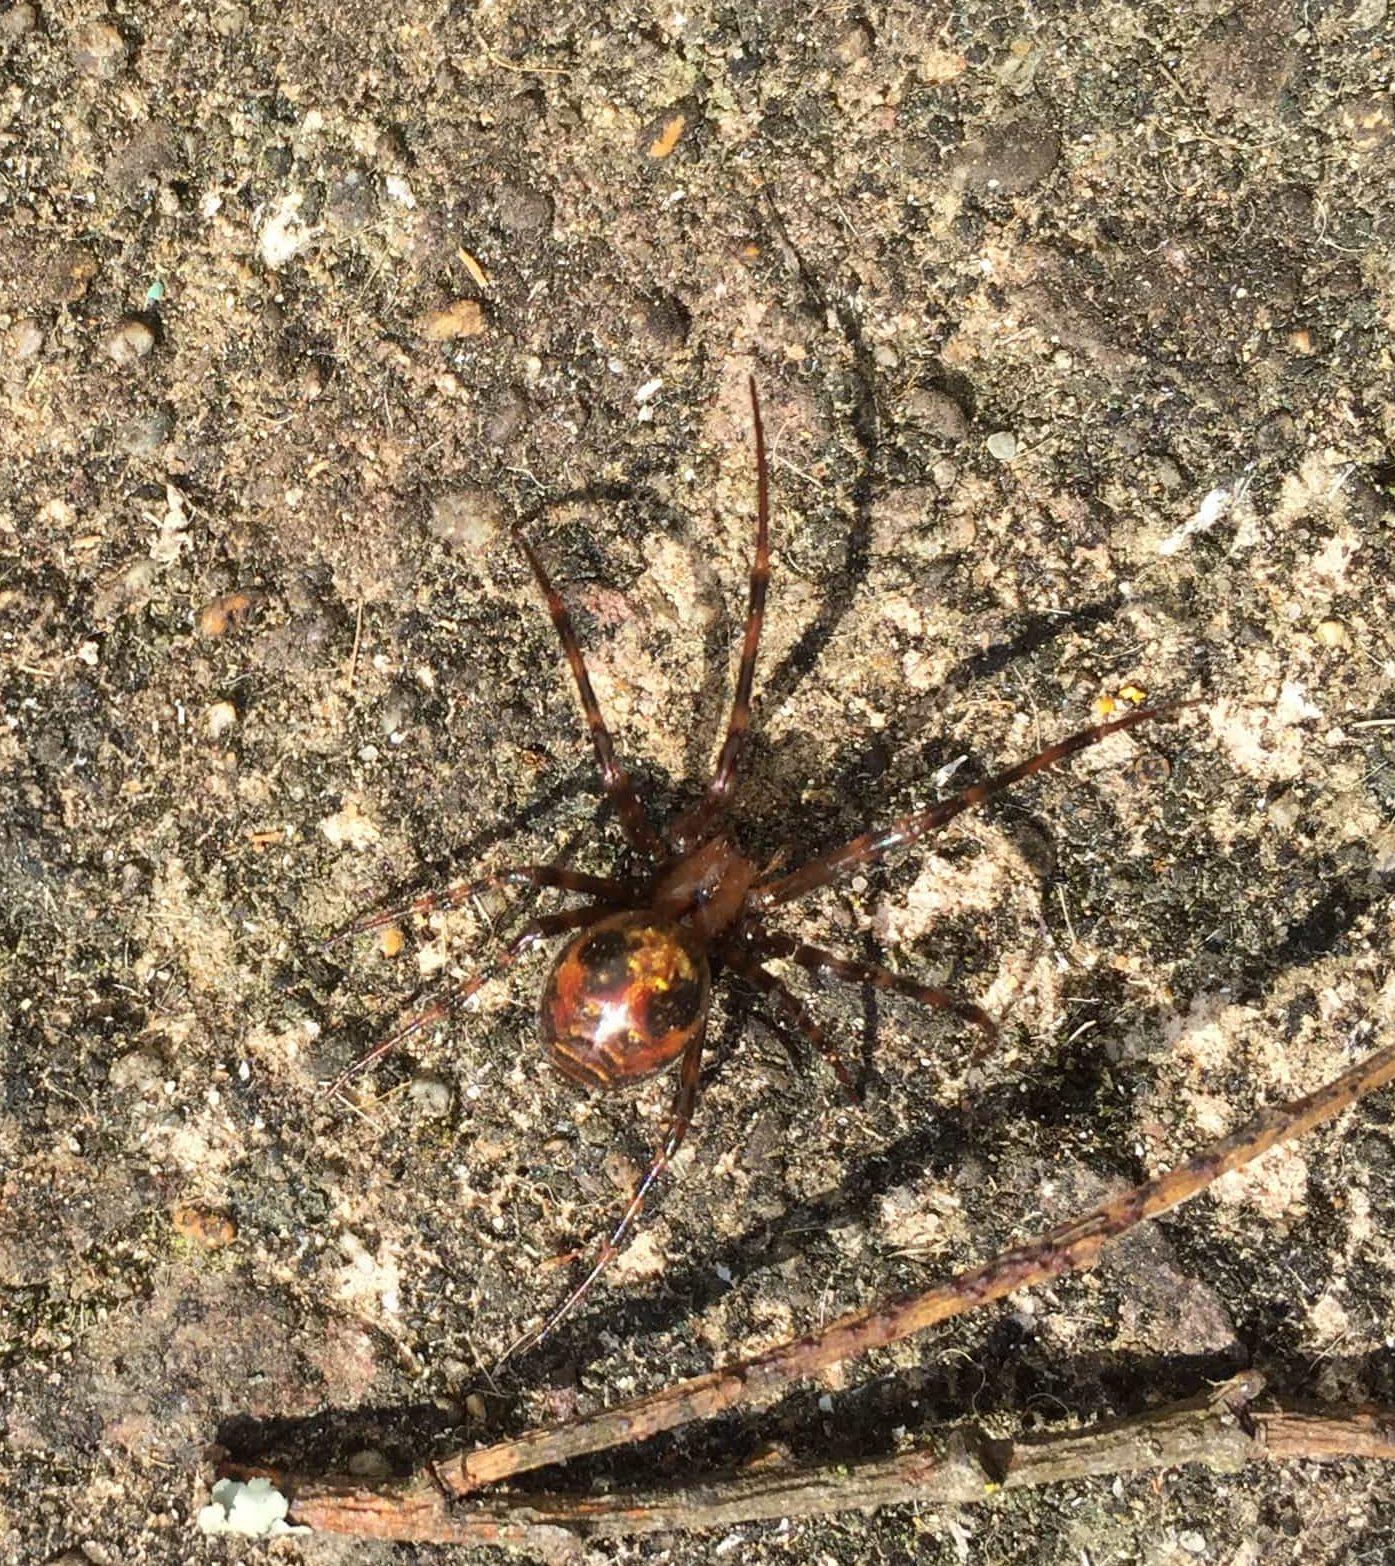 Picture of Meta menardi (European Cave Spider) - Dorsal